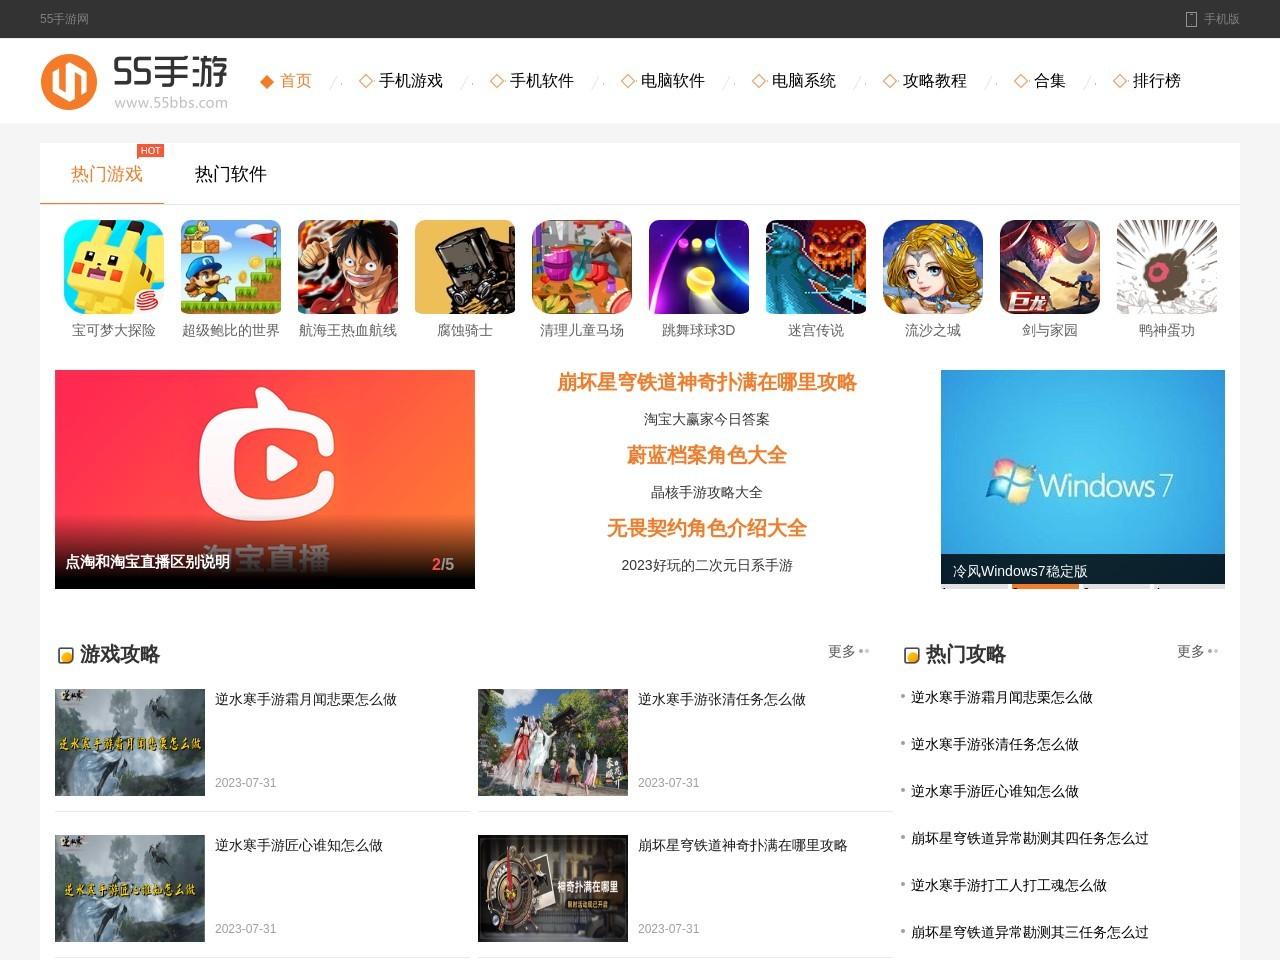 55手游网_手机游戏_电脑软件系统下载